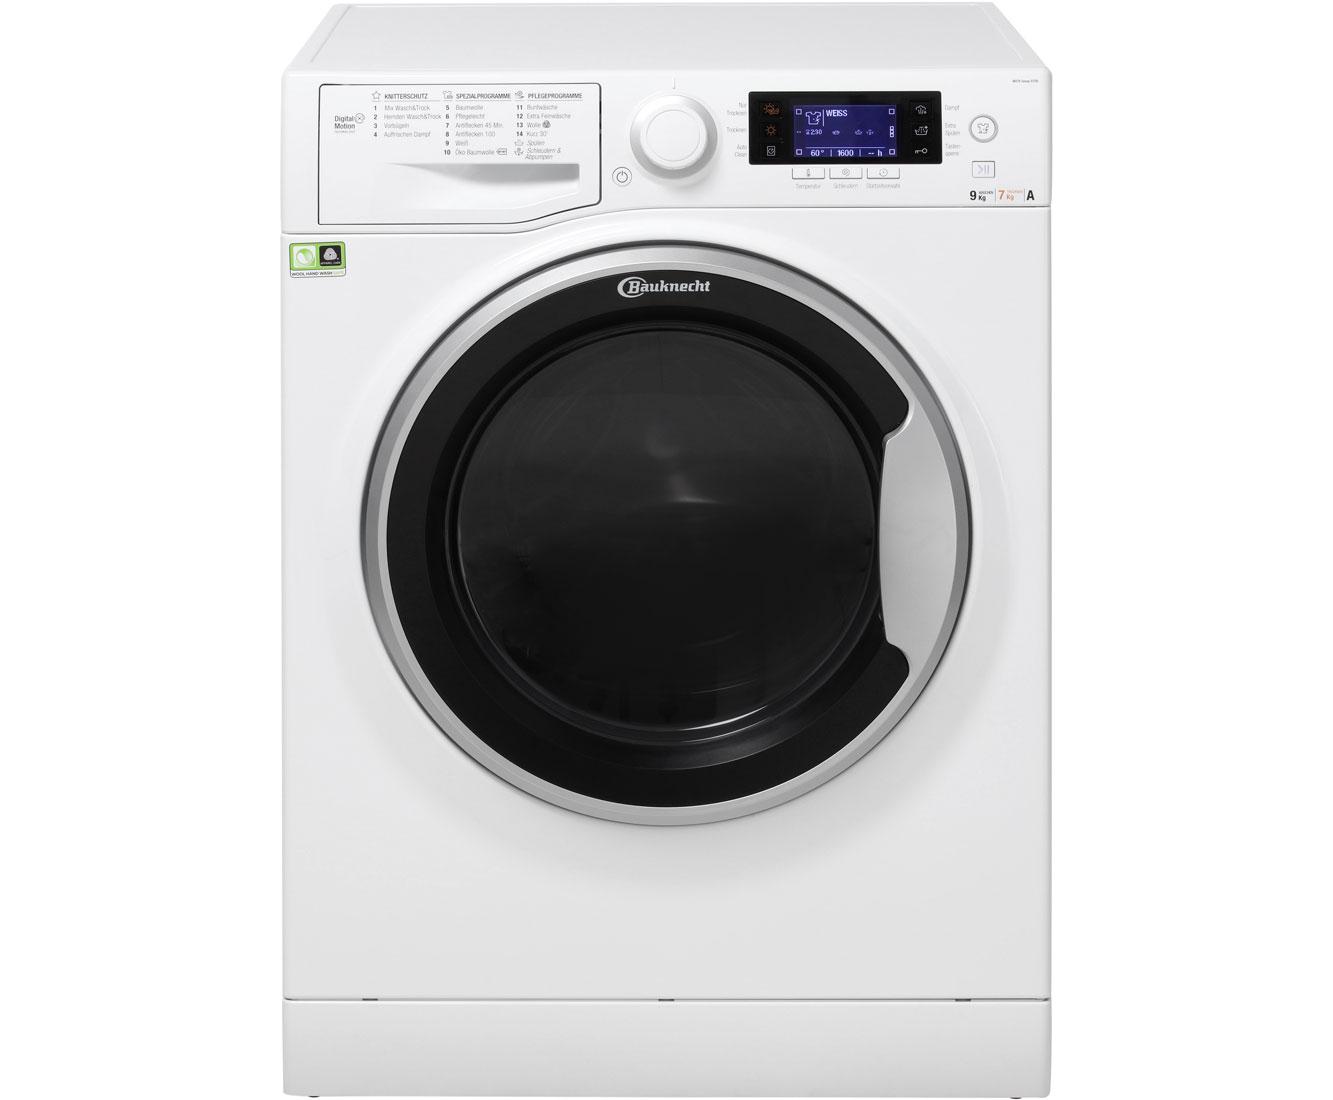 Bauknecht Watk Sense 97d6 Eu Waschtrockner 9 Kg Waschen 7 Kg